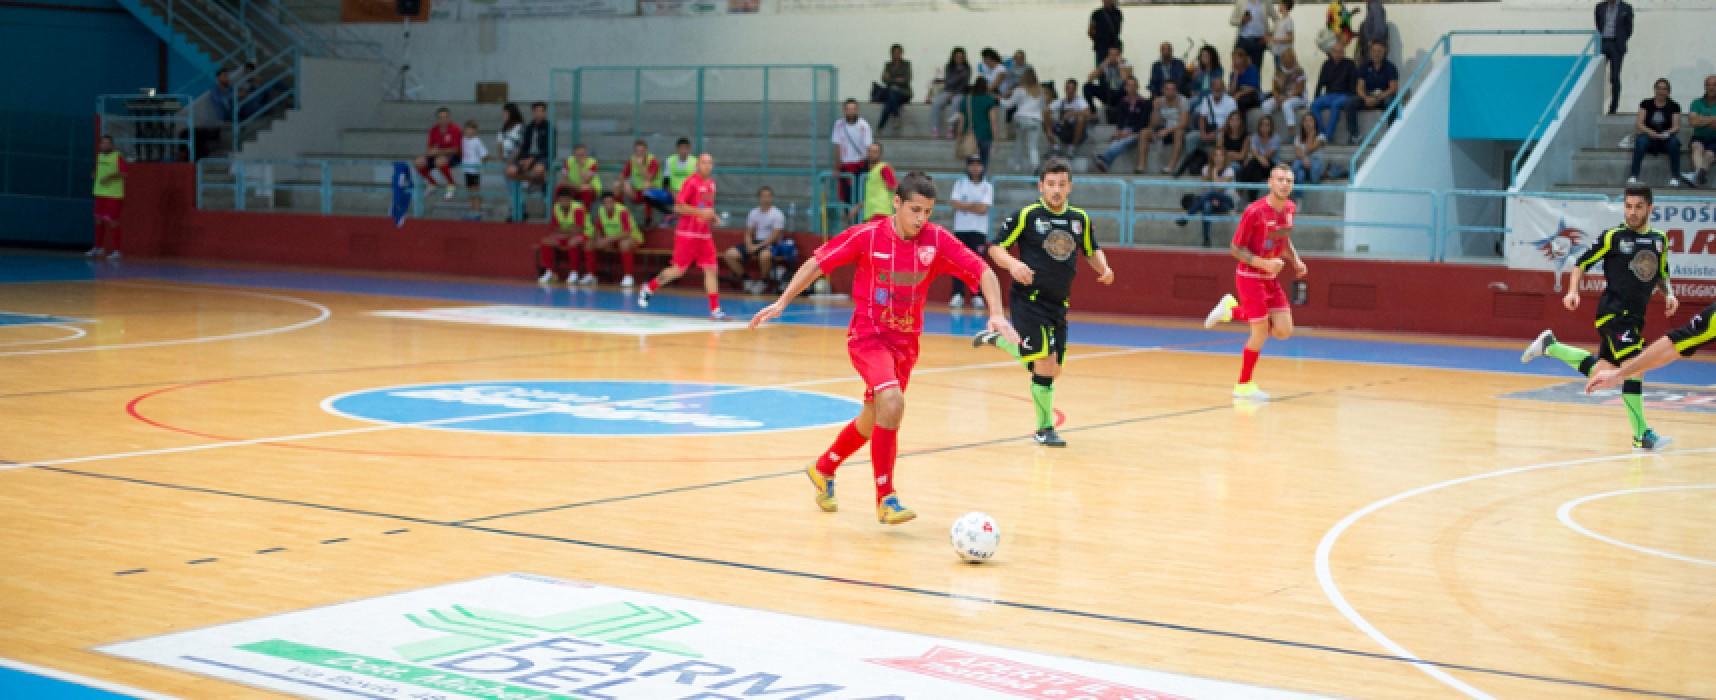 Calcio a 5: Coppa Italia di C, la Diaz supera il Nettuno 9-4